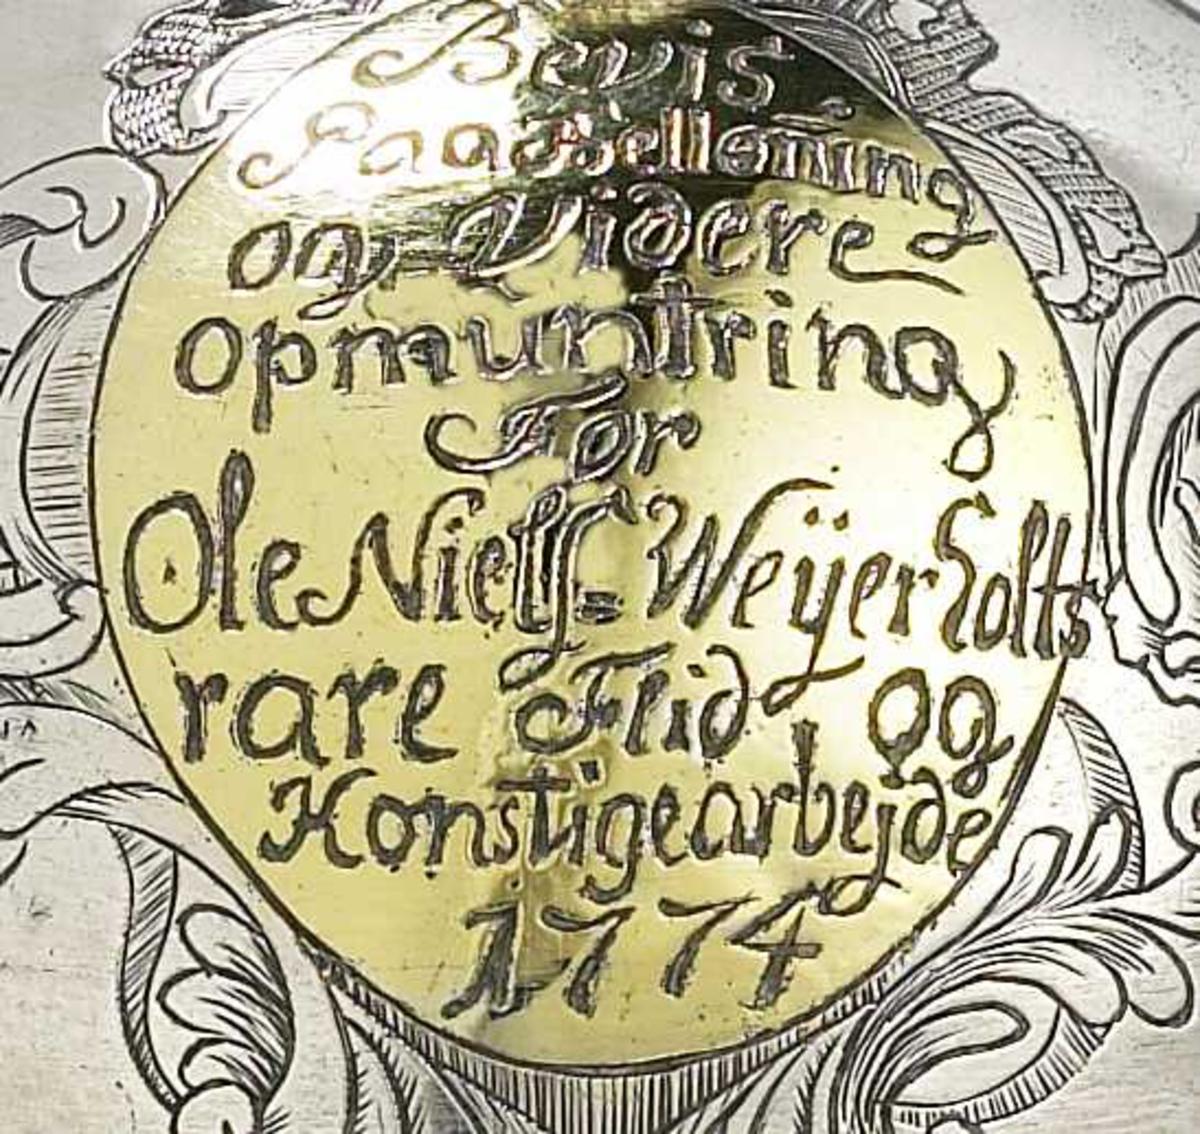 Smal munningskant.  inngravert  i full høyde tre tulipaner,  på kort stilk og med korte rundflikede blad, dels oppstreket med korte streker, oppbygd. Lokk kronet av en kongleformet toppknott. På den ene side en oval med våpenskjold  med en rose omgitt av tre vinger, hjelmbekroning en hånd som holder bue: våpenskjold ført av Niels Scythe, foged i Nedenes 1770 -83. På den annen side tilsvarende oval, omkranset av rokokko skjellformer øverst og C-former på siden.